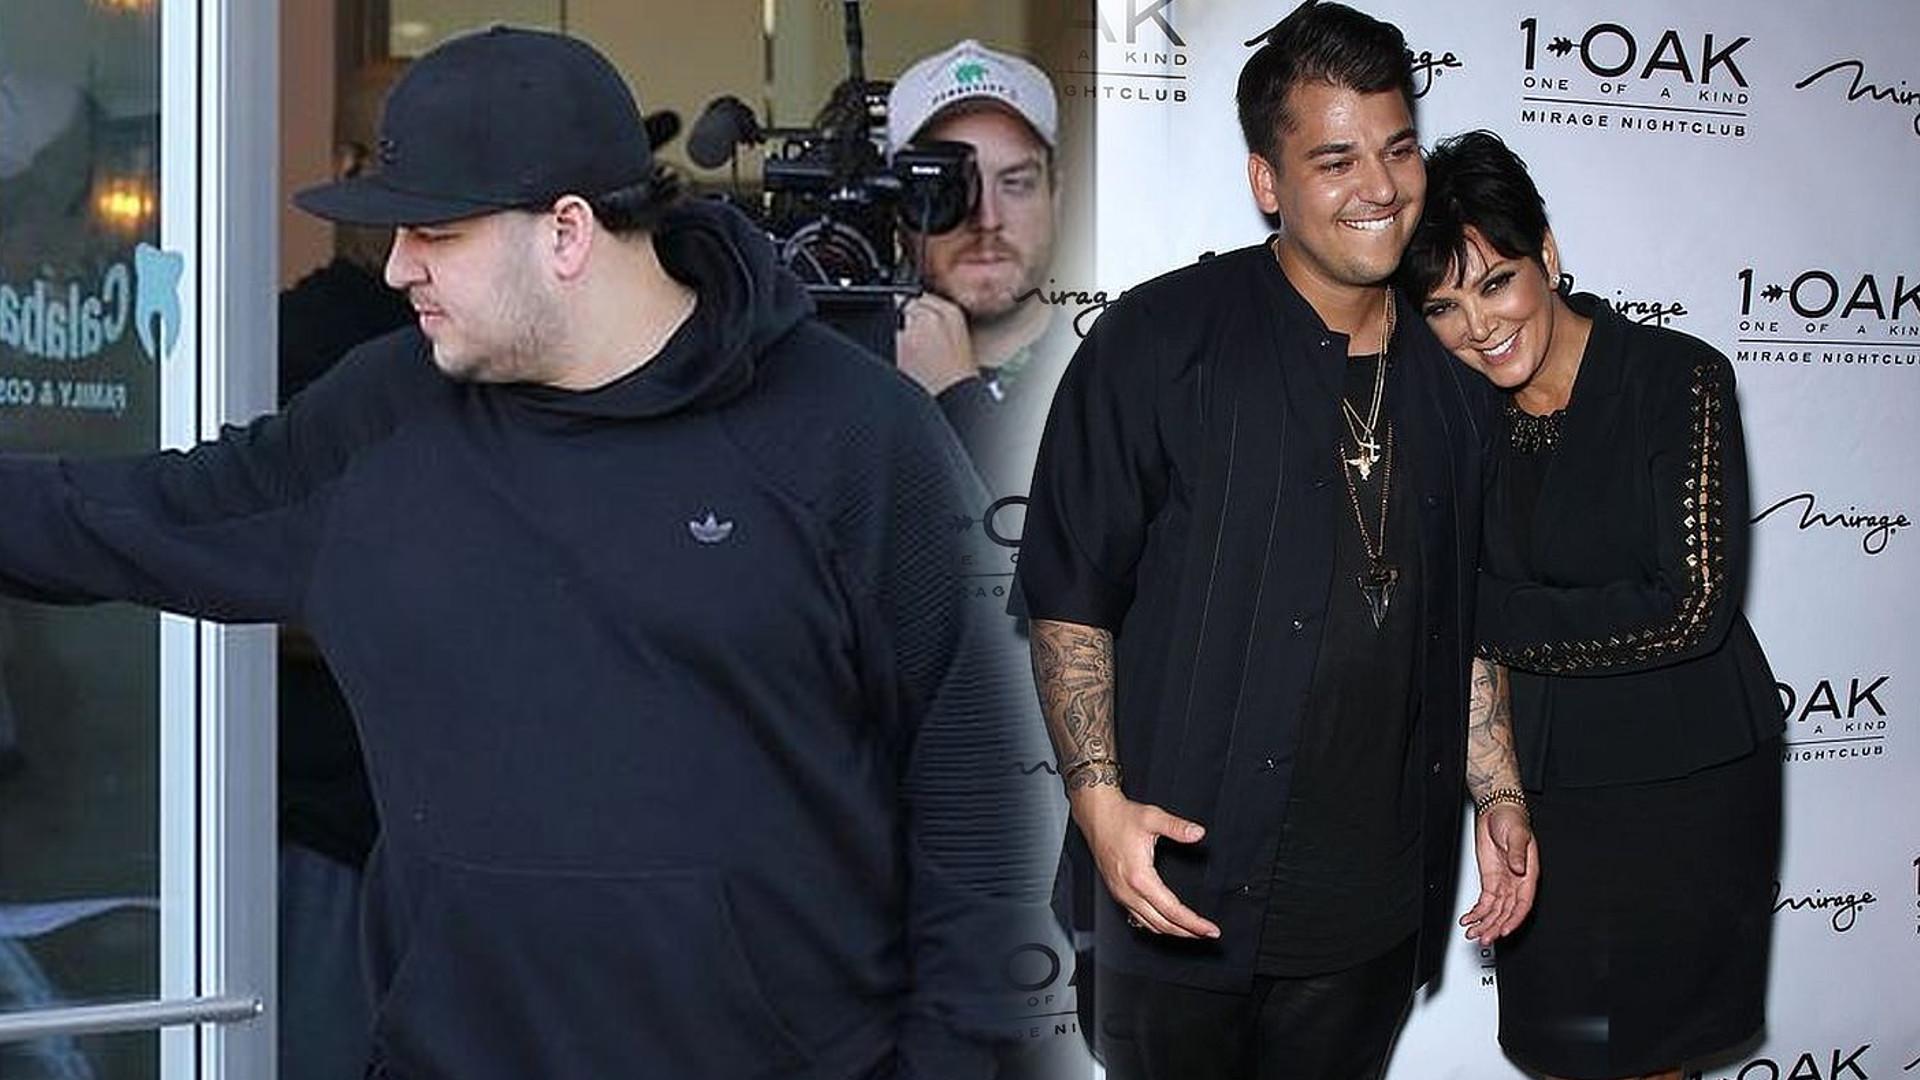 Rzadkie zdjęcie Roba Kardashiana – brat Kim wygląda, jakby bardzo schudł